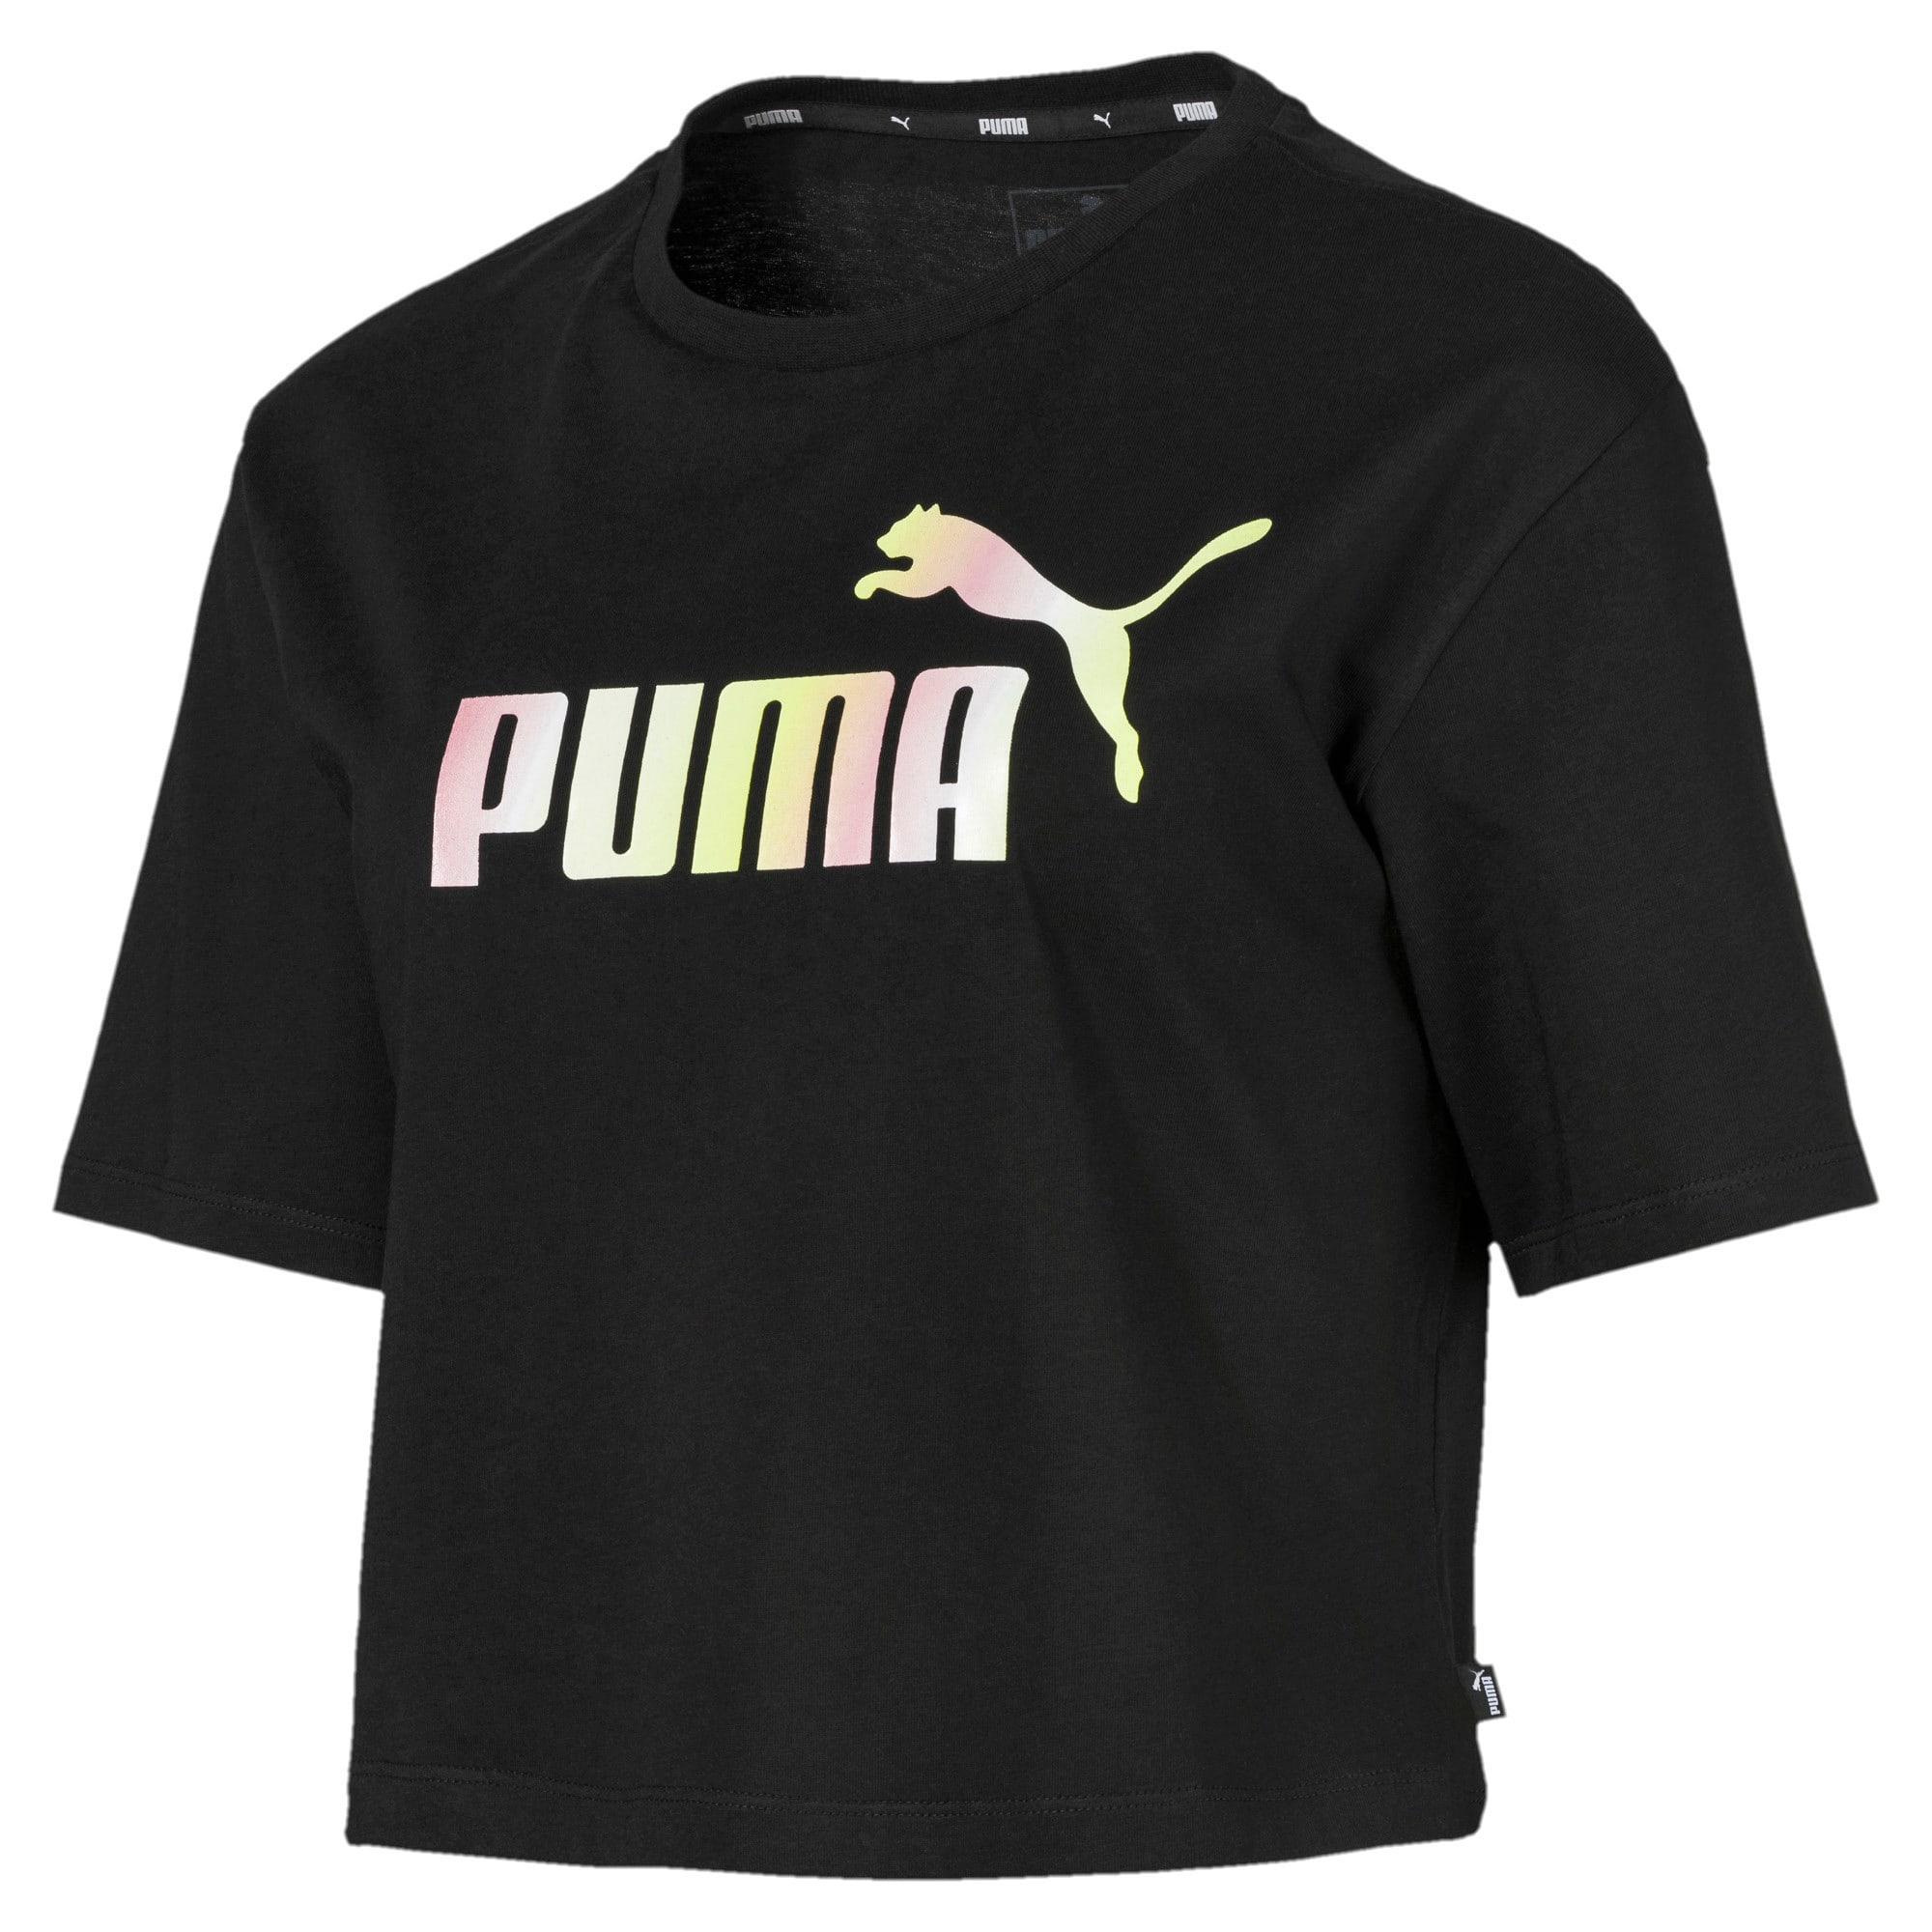 Miniatura 4 de Camiseta corta con logo para mujer, Puma Black, mediano